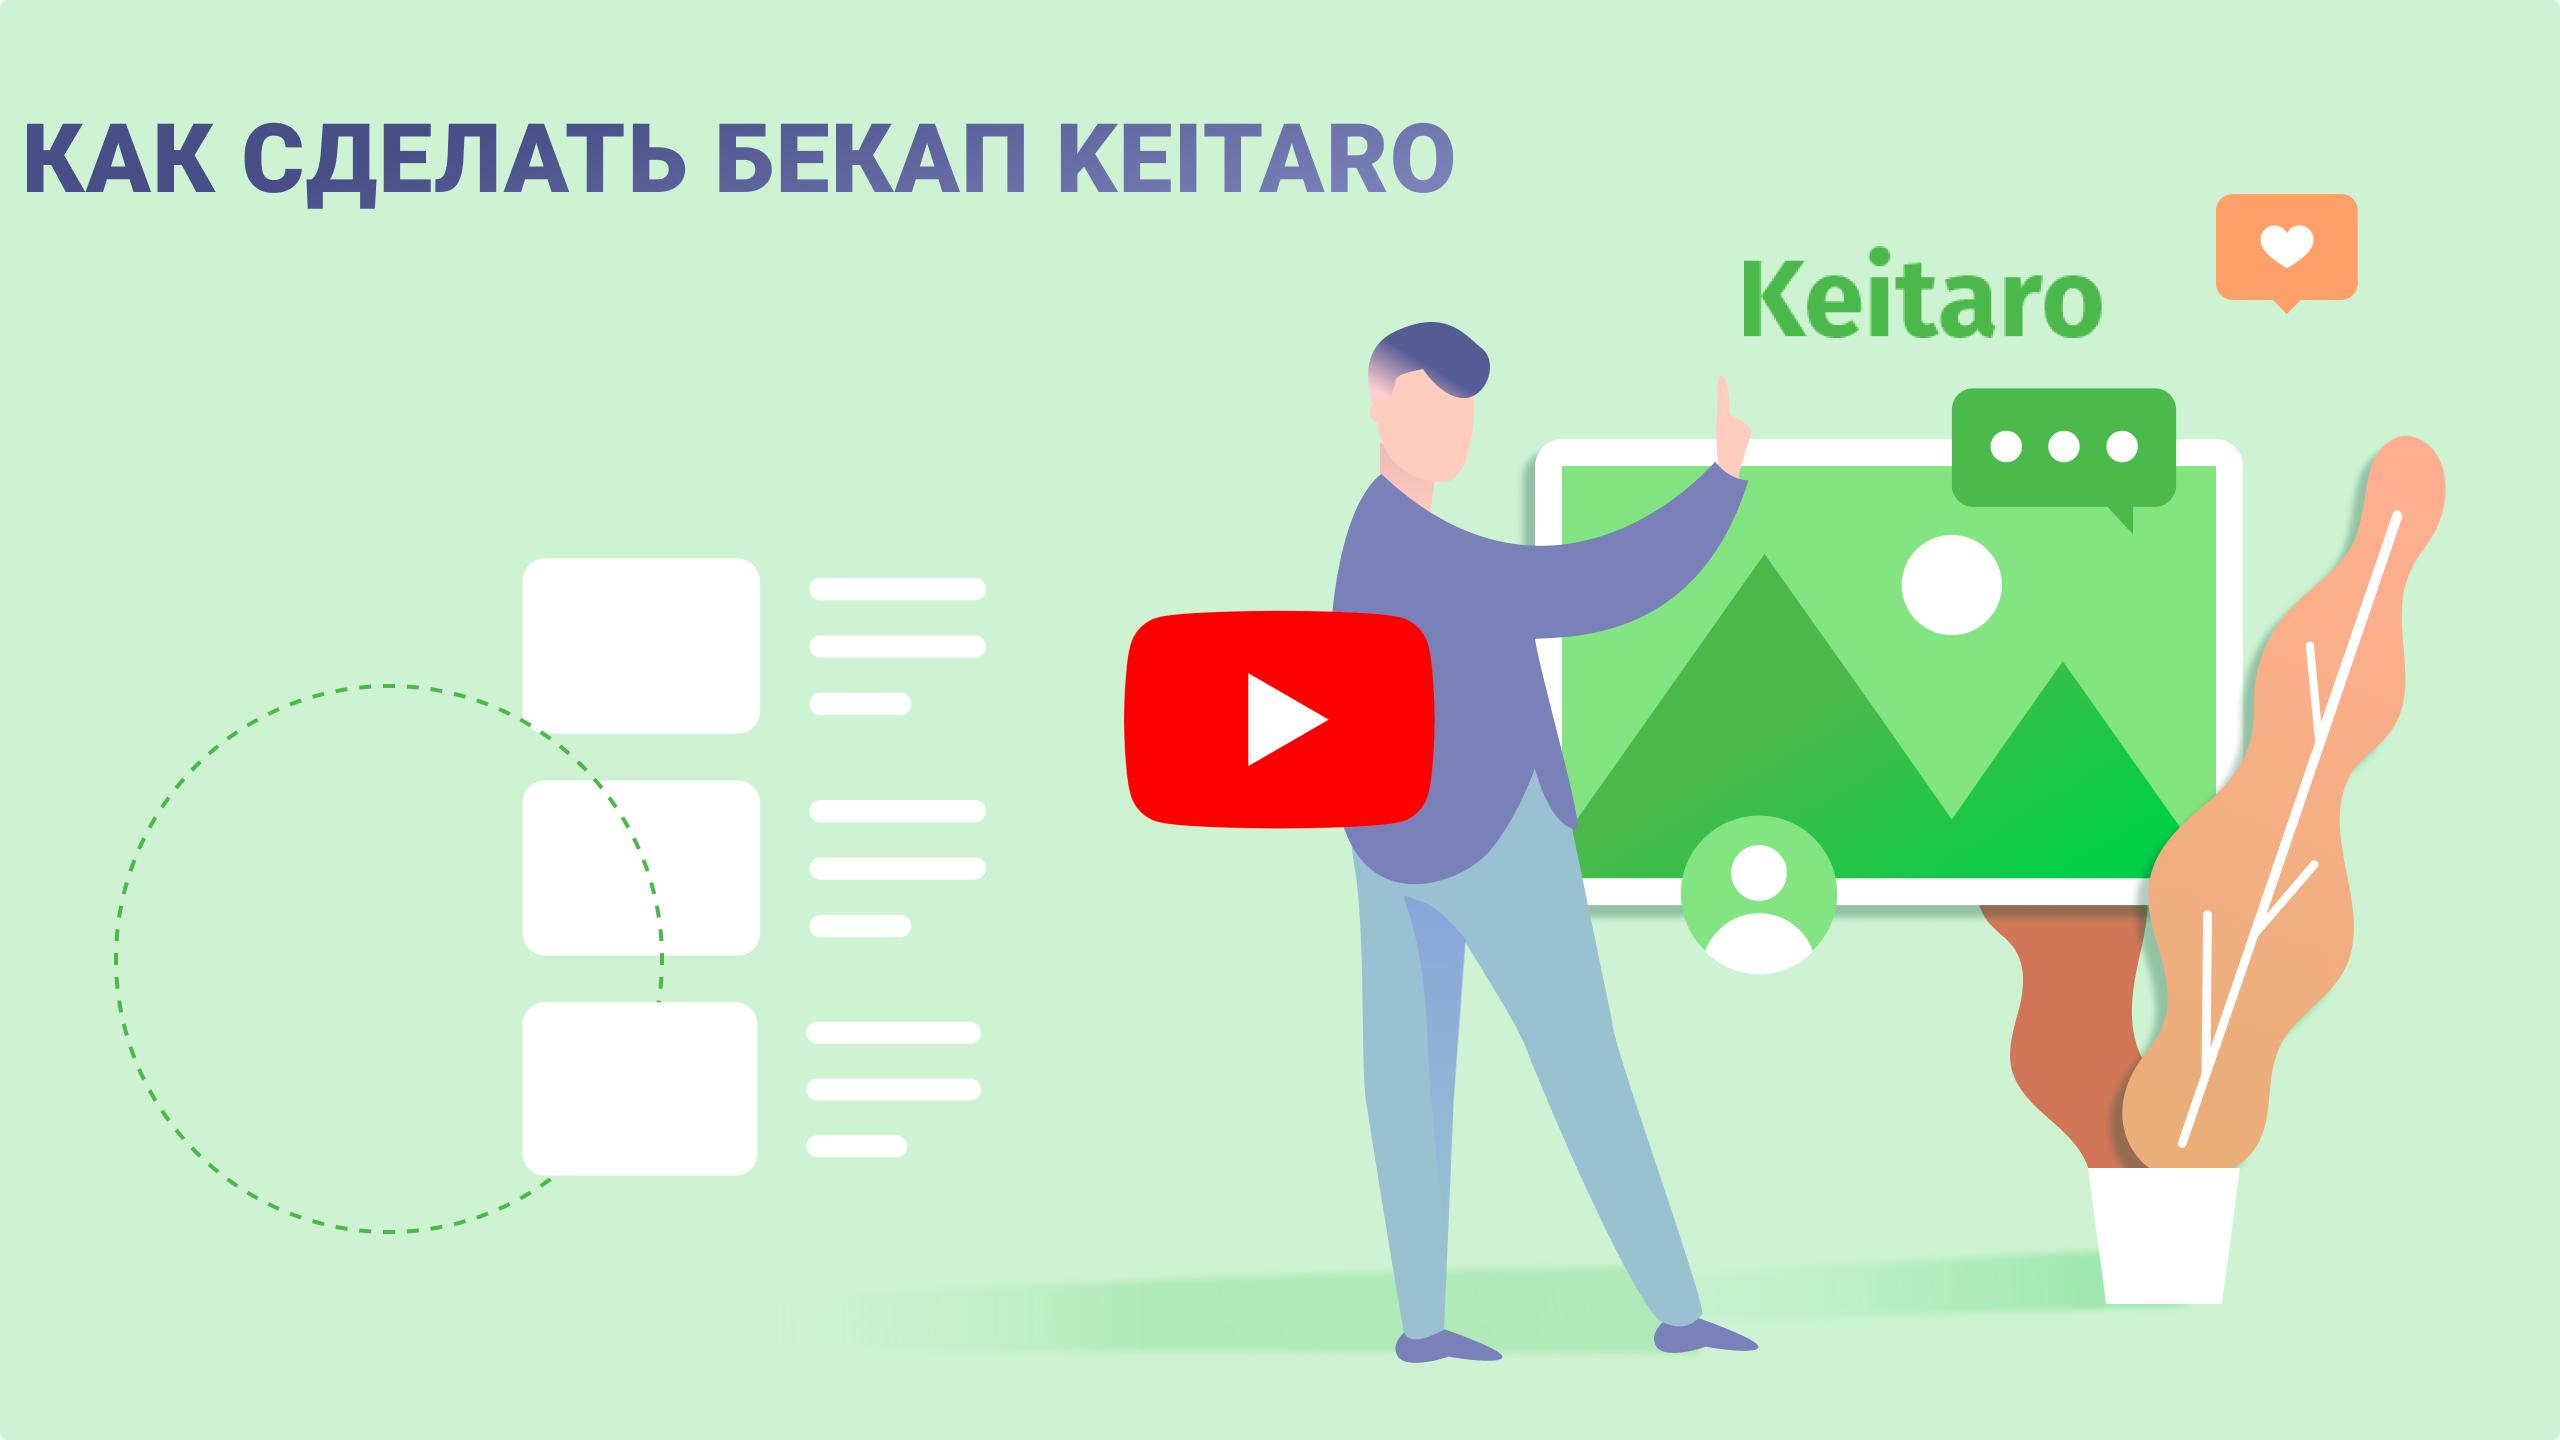 Как сделать бекап Keitaro